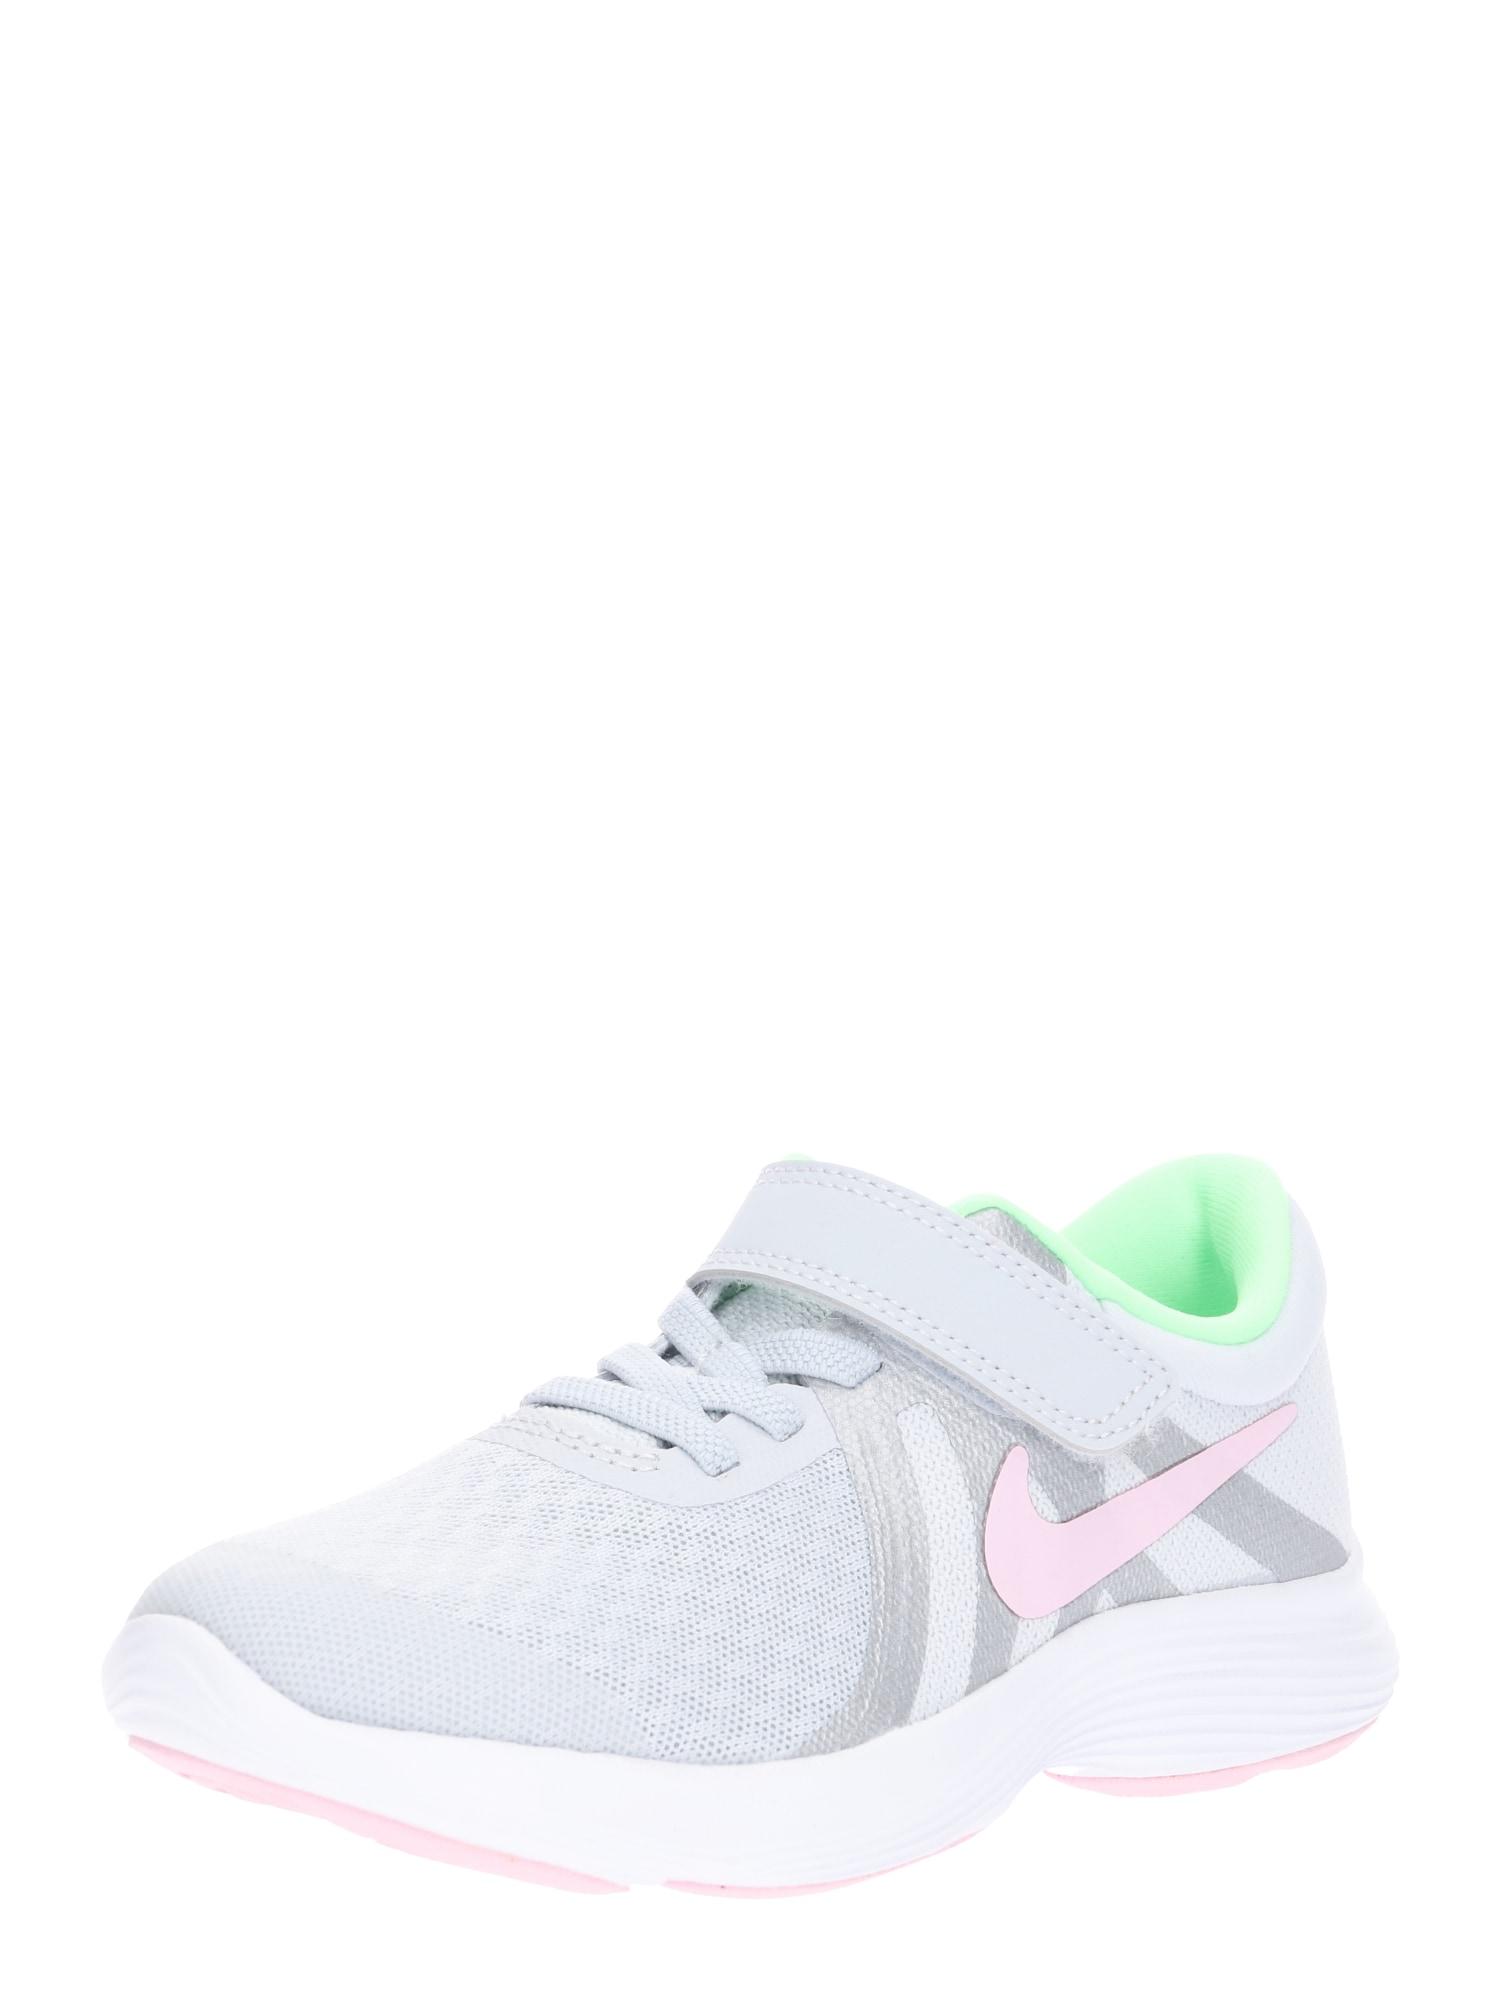 Sportovní boty Revolution 4 světle šedá NIKE